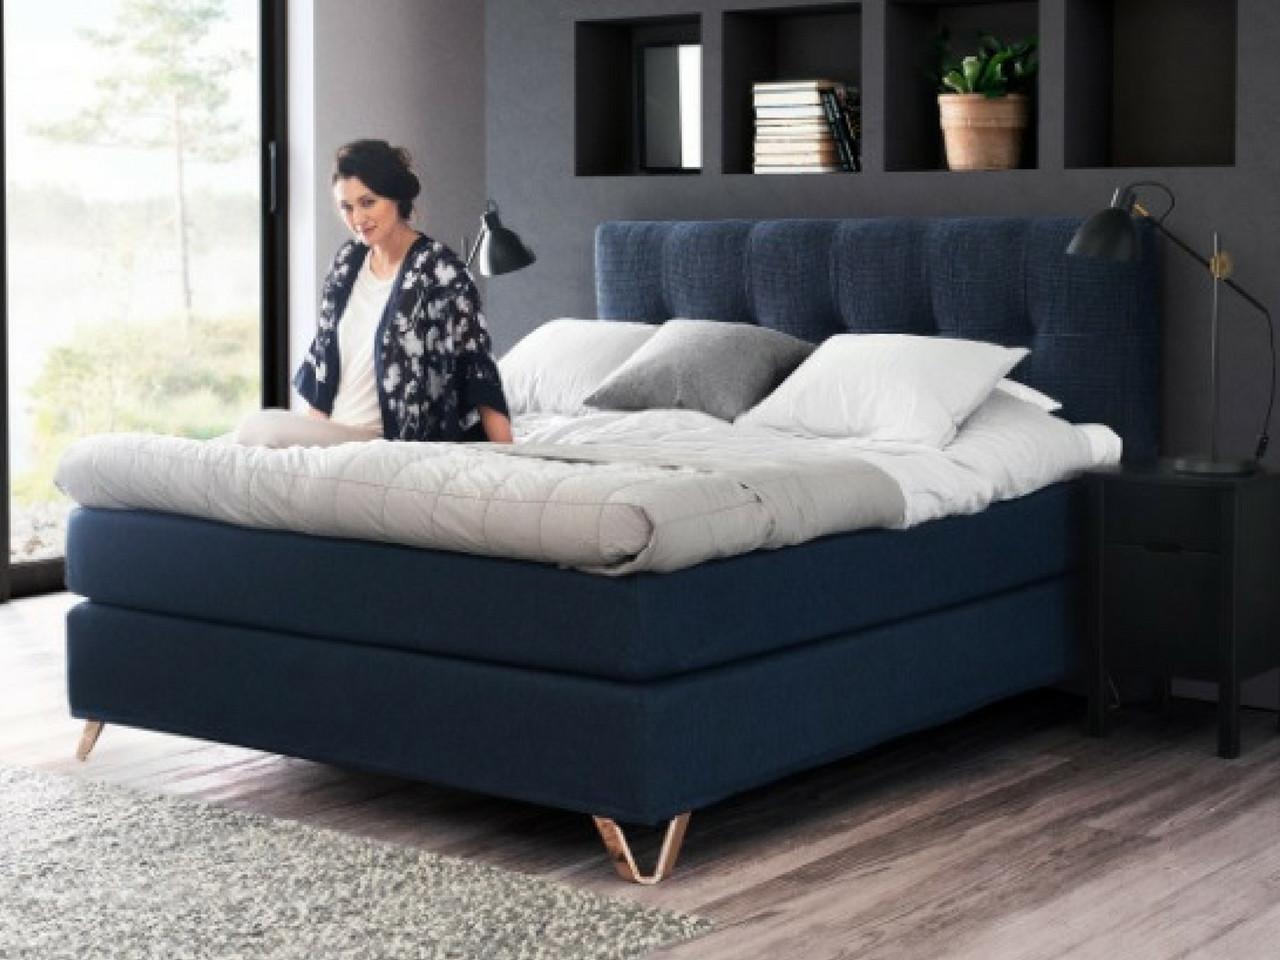 køb seng Jensen Prestige Kontinentalseng   Køb i webshop, fri levering! køb seng